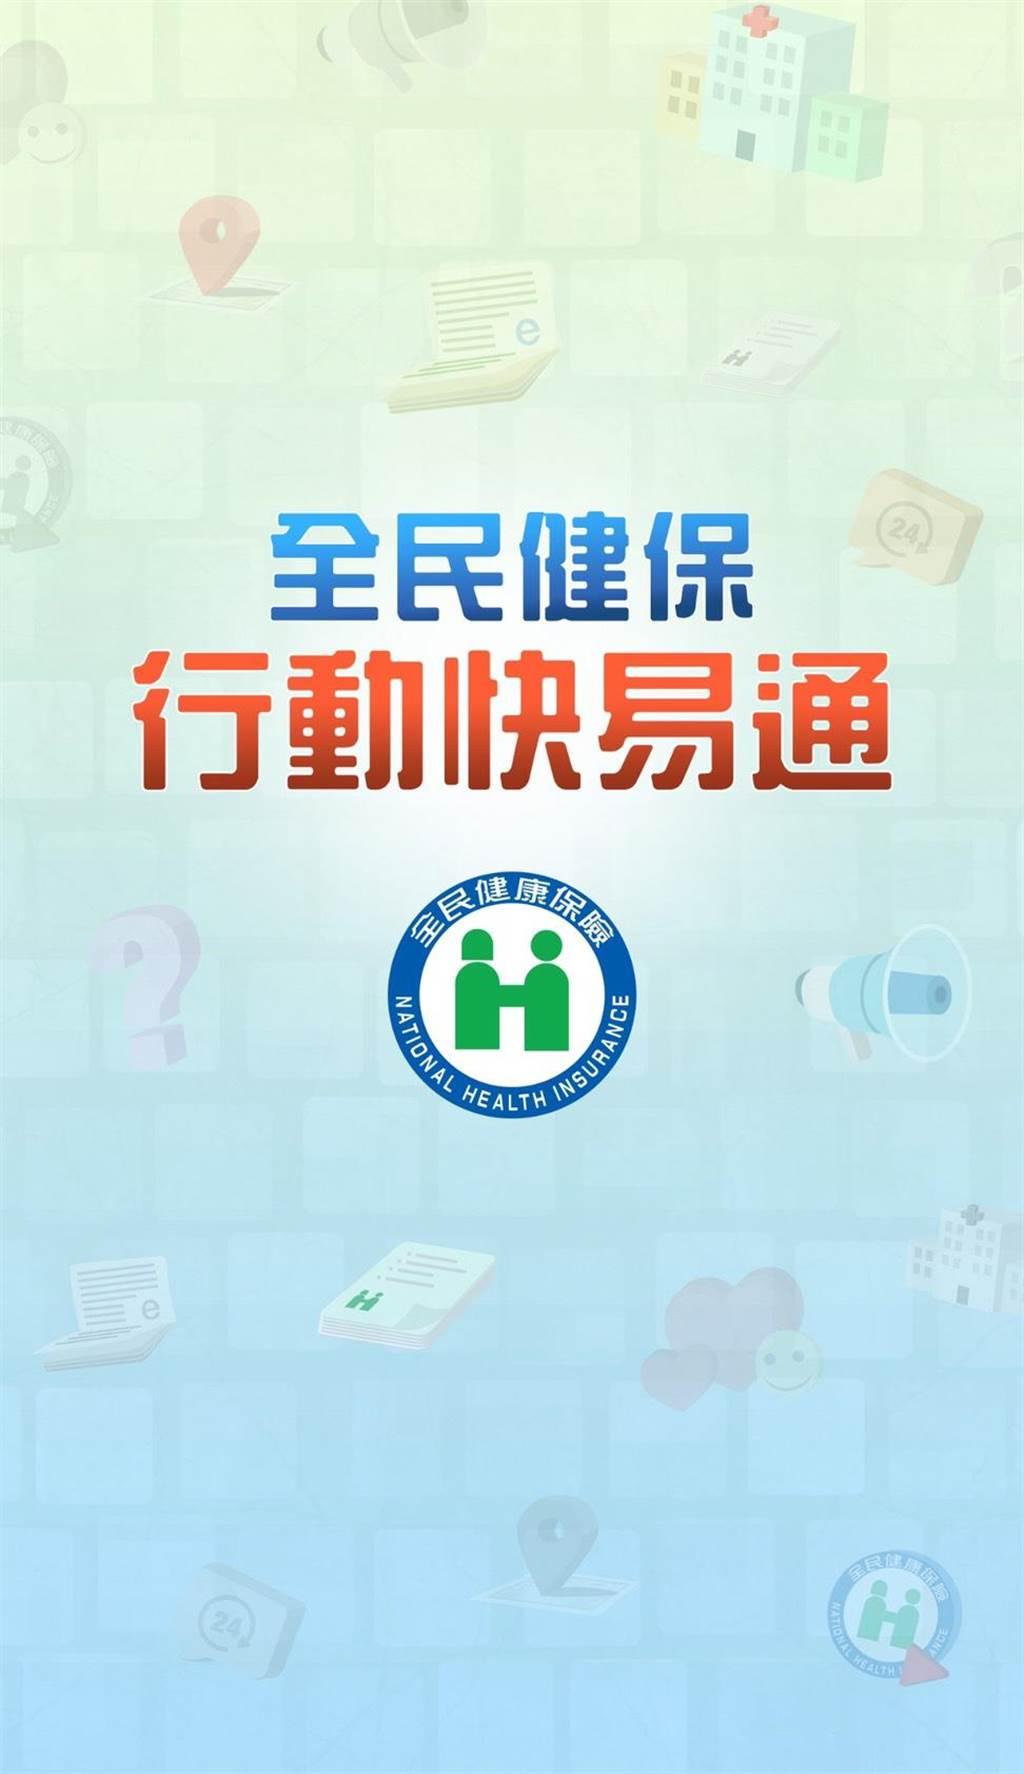 「全民健保行動快易通|健康存摺」APP。(圖取自健保快易通APP)